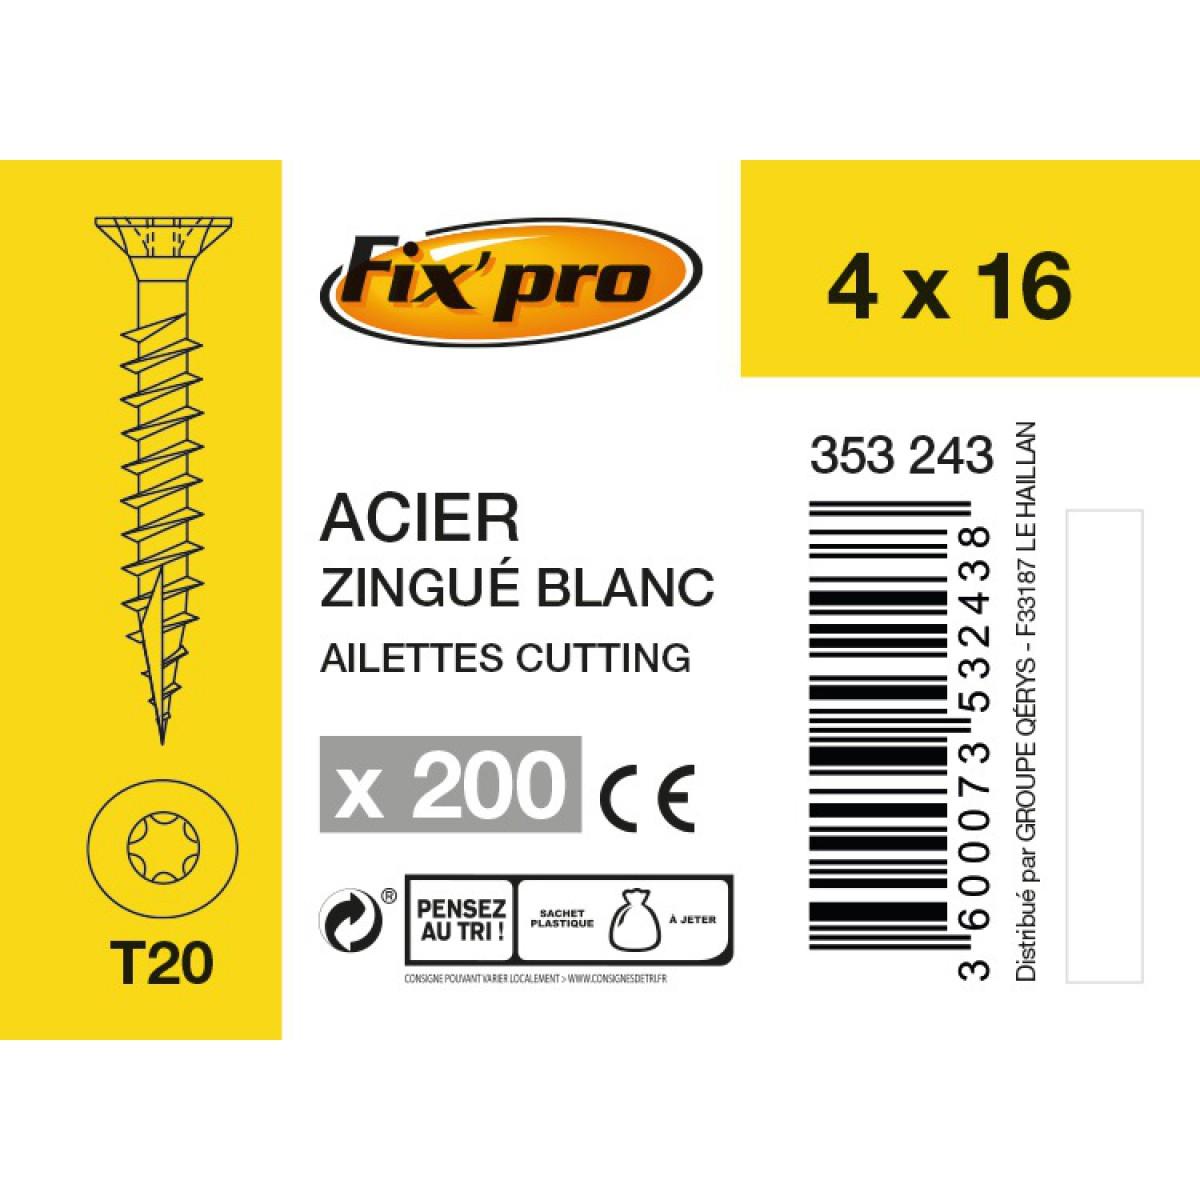 Vis à bois tête fraisée TX - 4x16 - 200pces - Fixpro